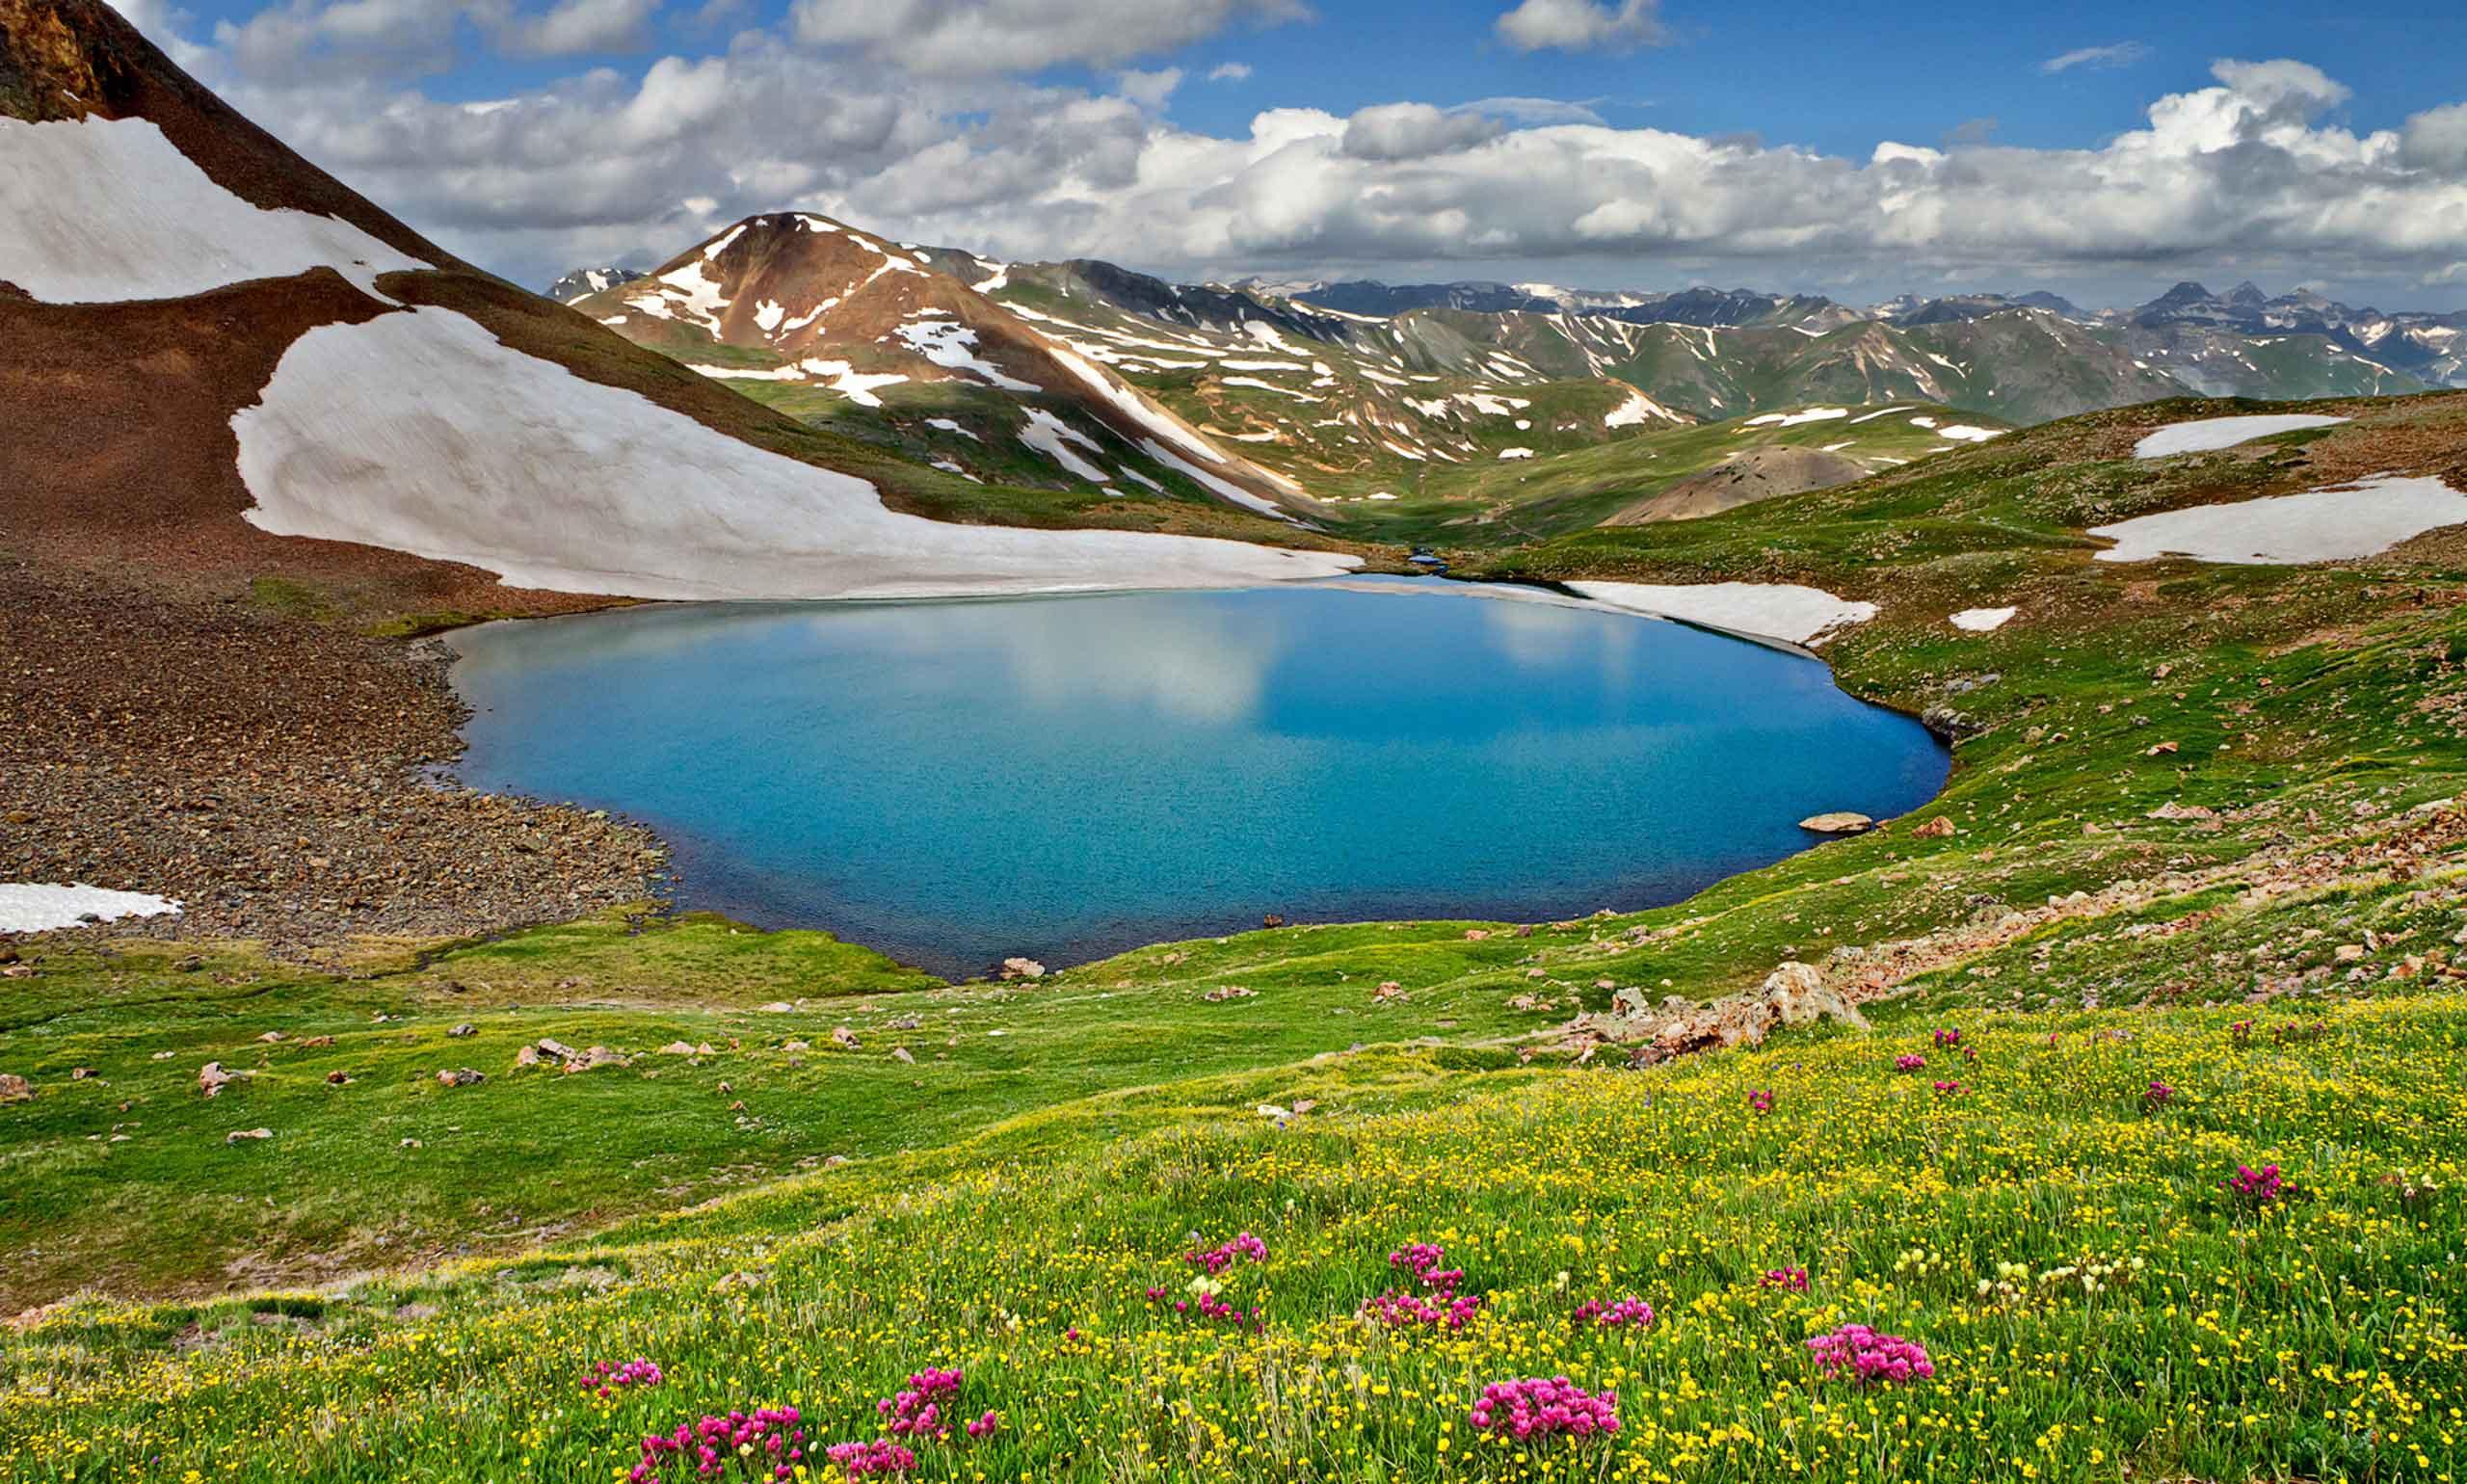 دریاچه گهر نگین اشترانکوه لرستان